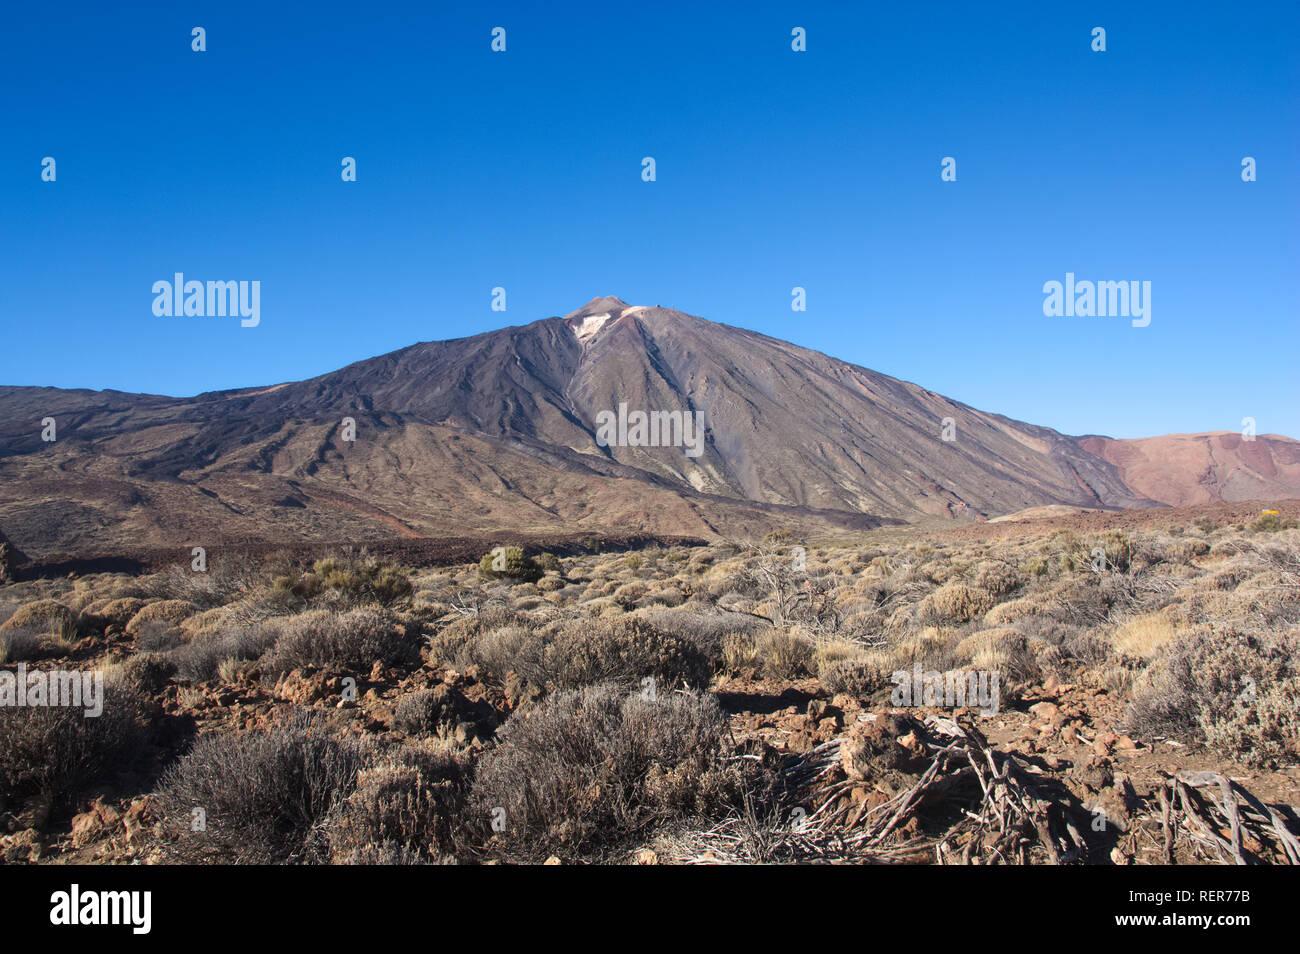 Panoramablick auf den Teide vulkanischen Gipfel, wo Sie die Vegetation, das Klima der hohen Berg untergebracht zu schätzen wissen Stockbild